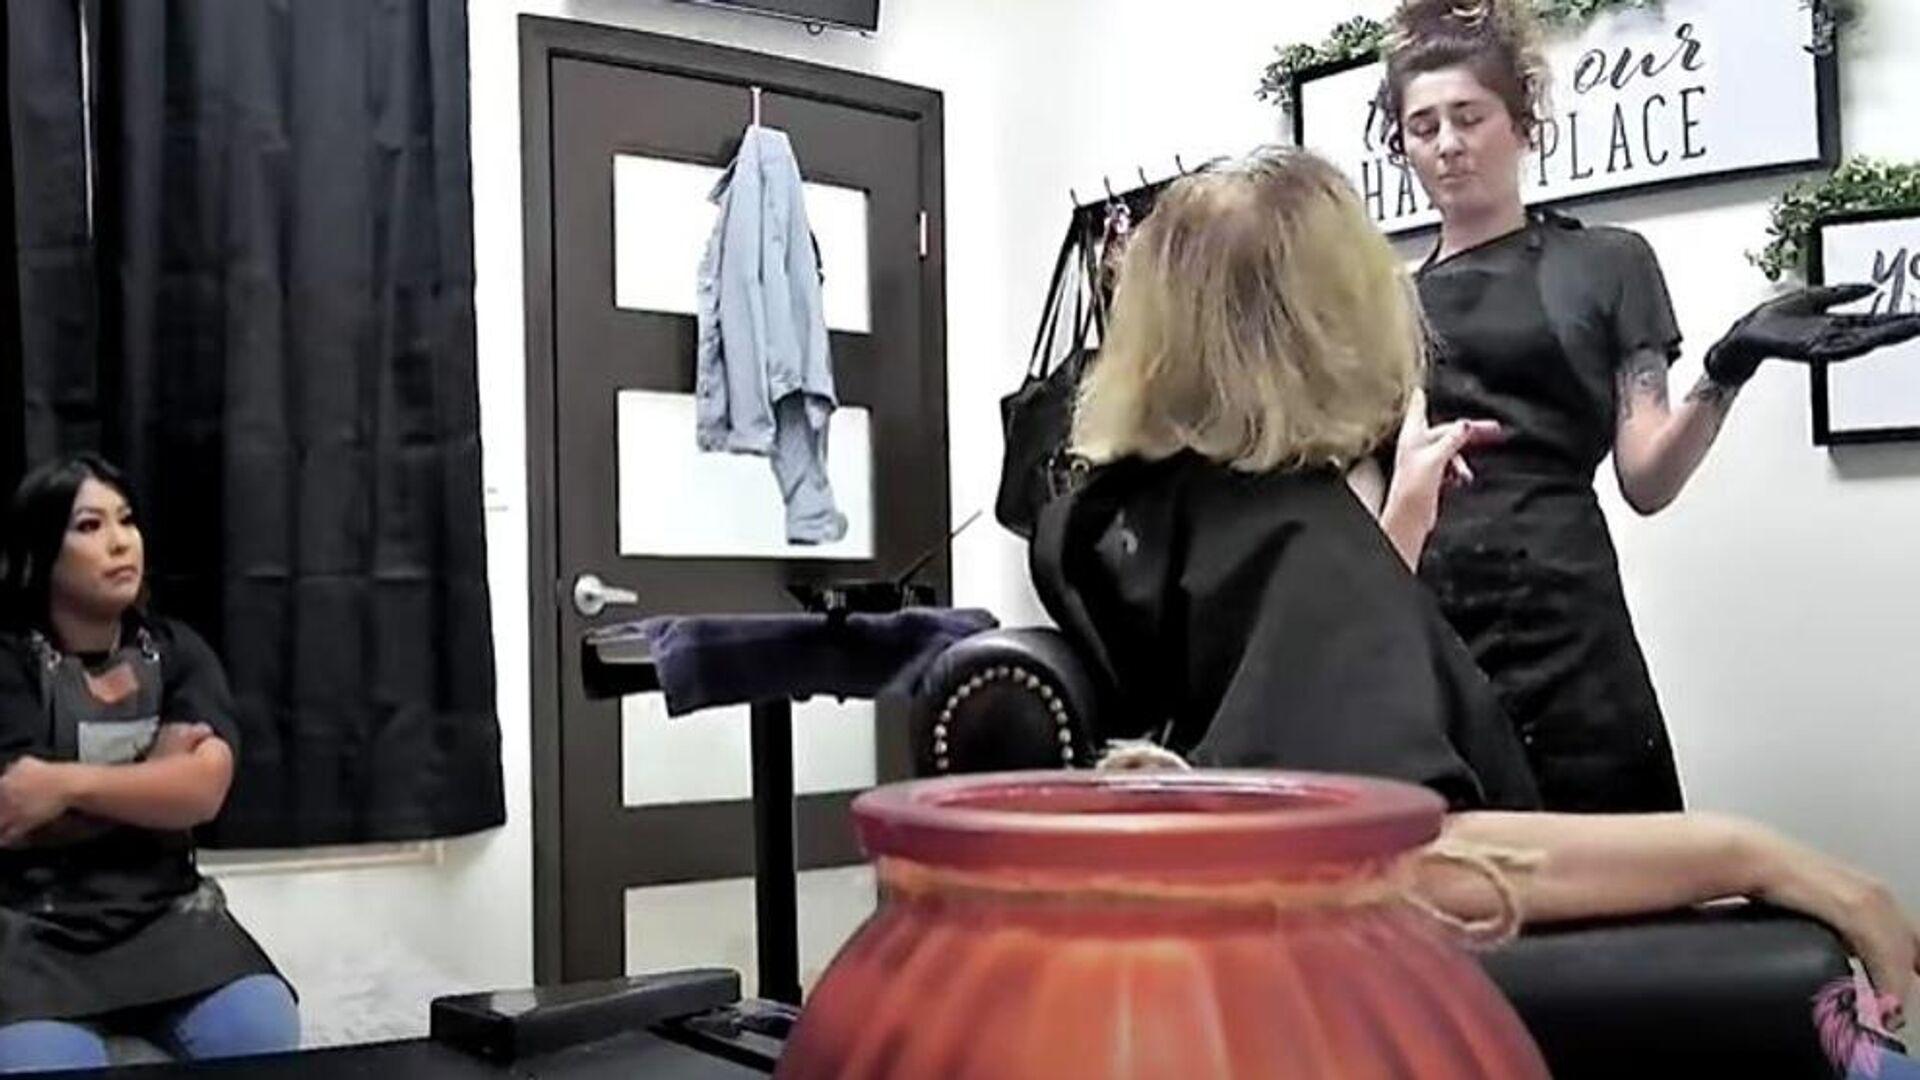 Ρατσίστρια πελάτισσα σε κομμωτήριο παίρνει το μάθημα που της αξίζει - Sputnik Ελλάδα, 1920, 10.10.2021